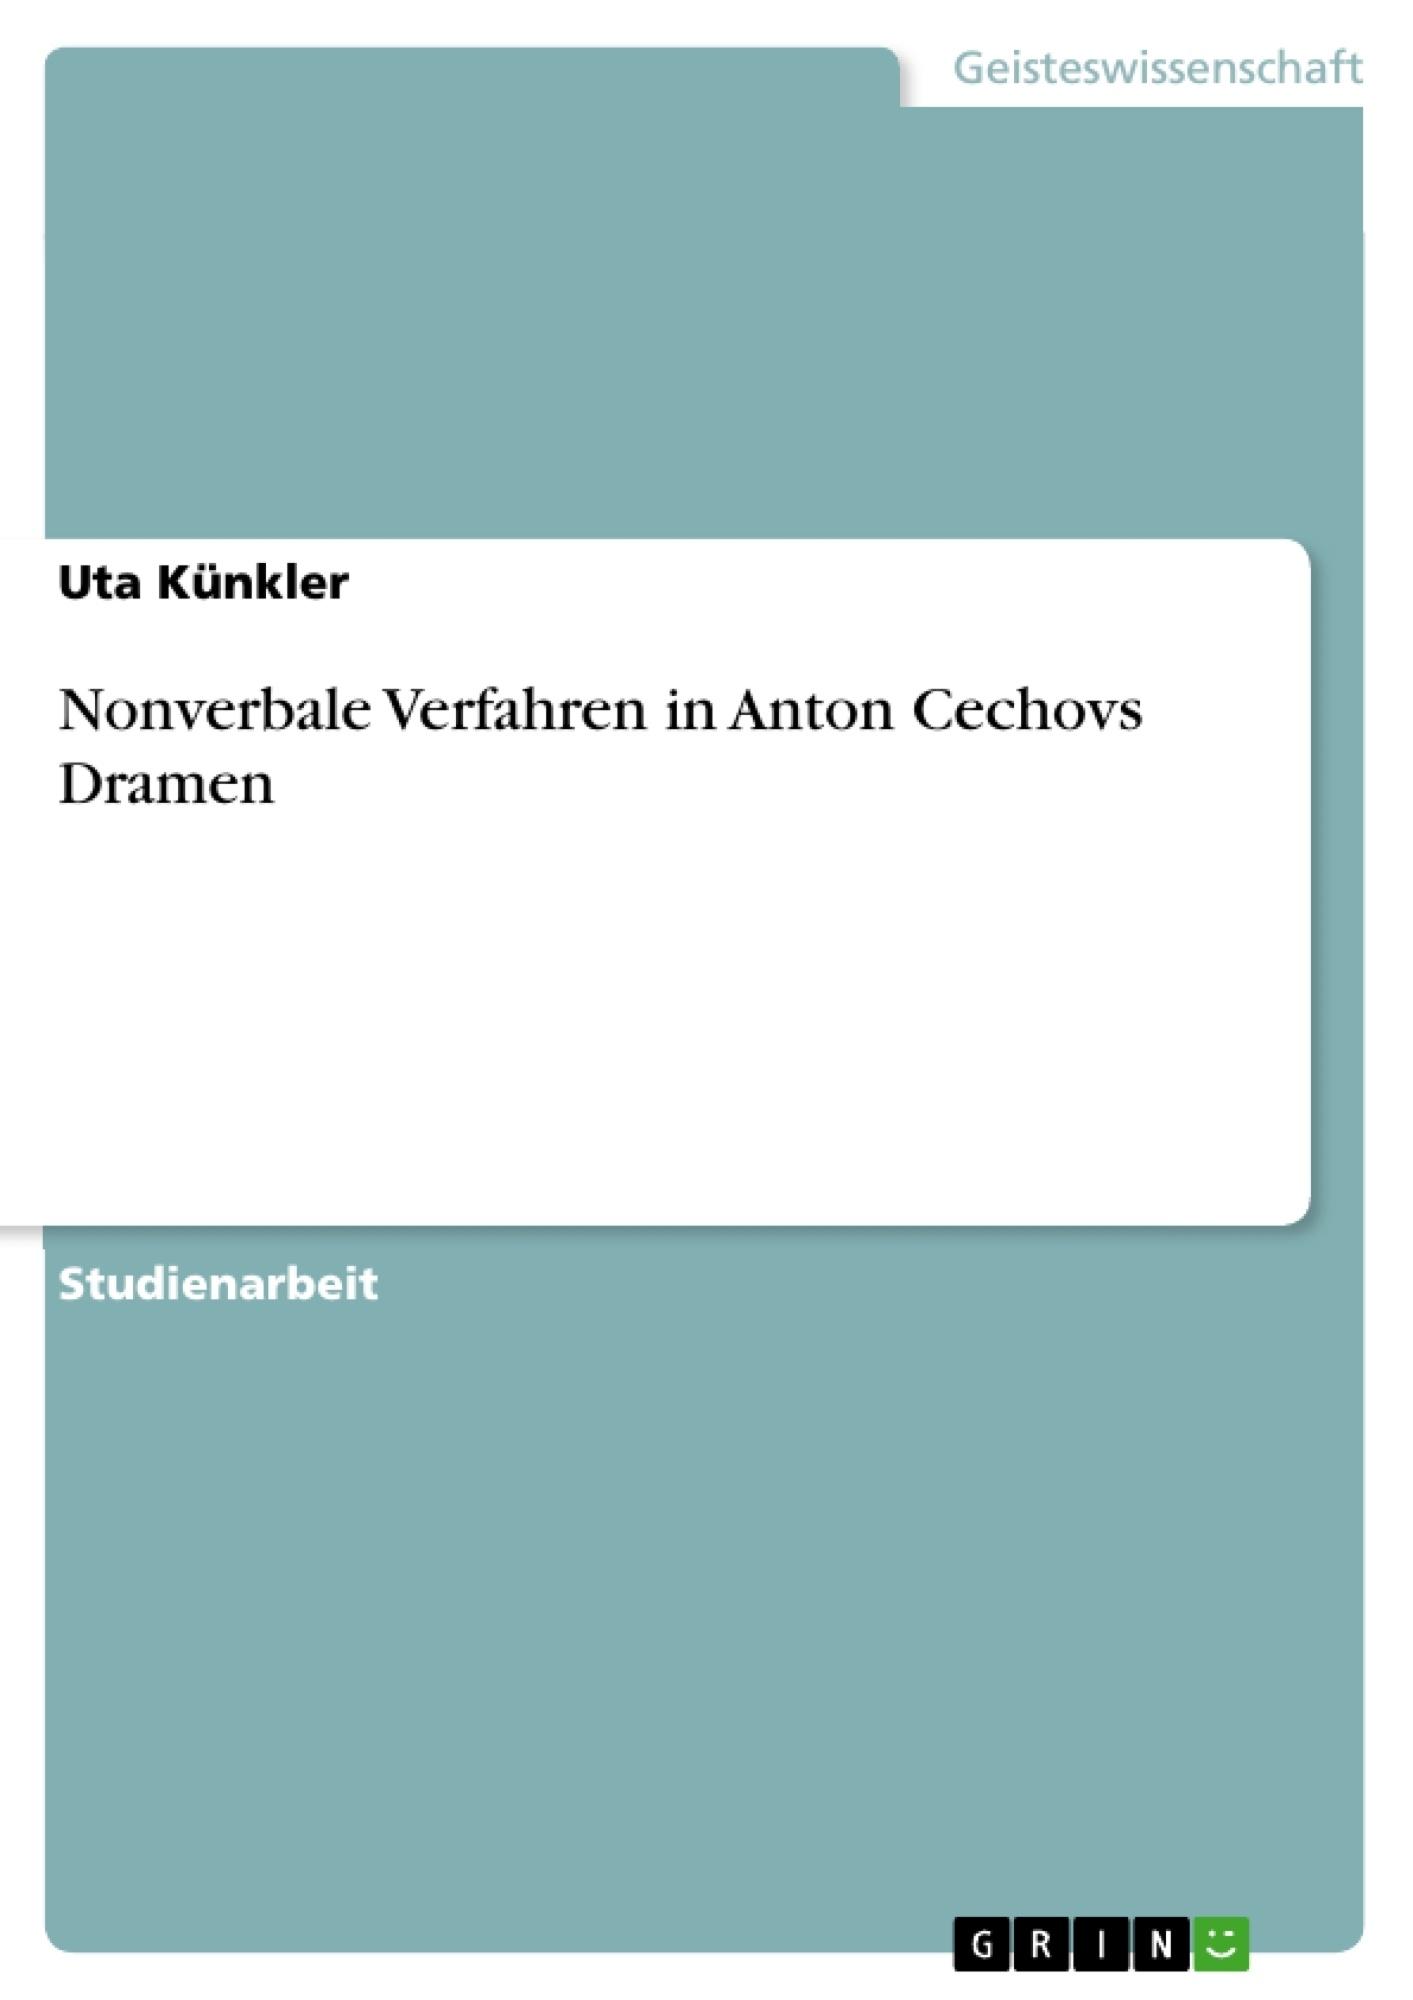 Titel: Nonverbale Verfahren in Anton Cechovs Dramen